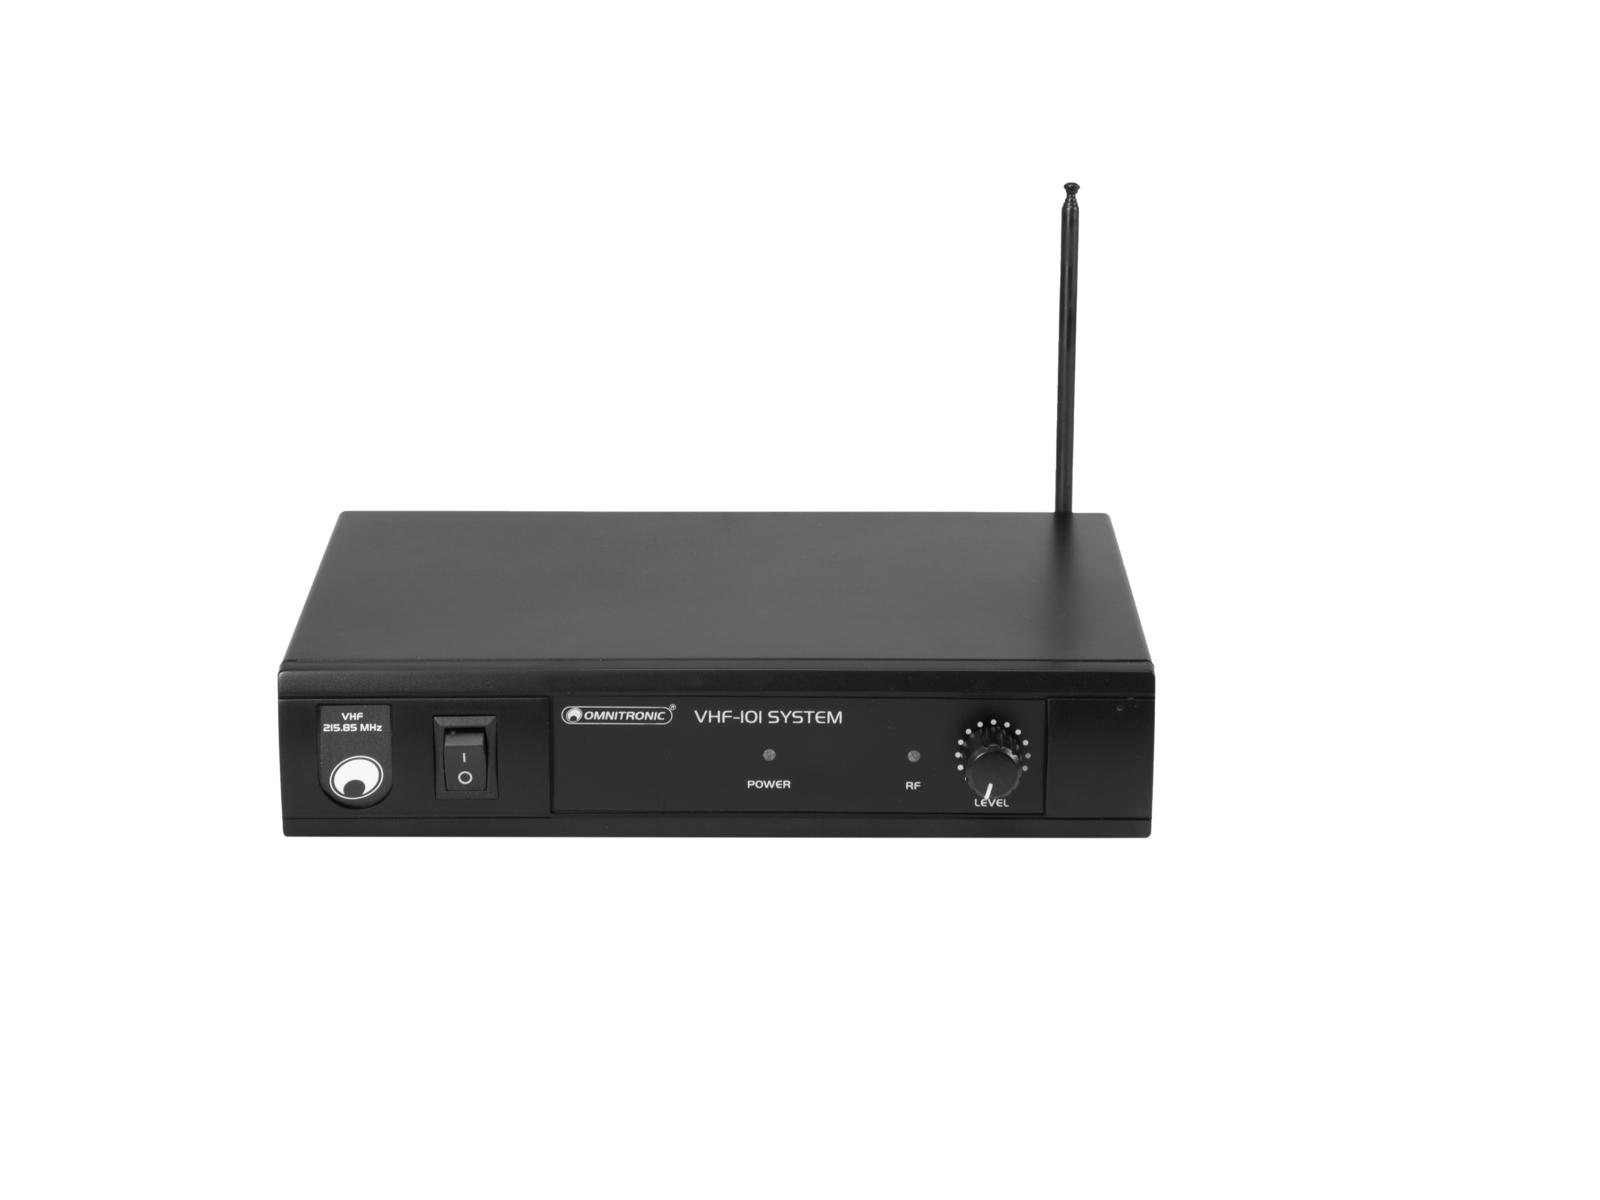 OMNITRONIC VHF-101 Funkmikrofon-System 200.10MHz